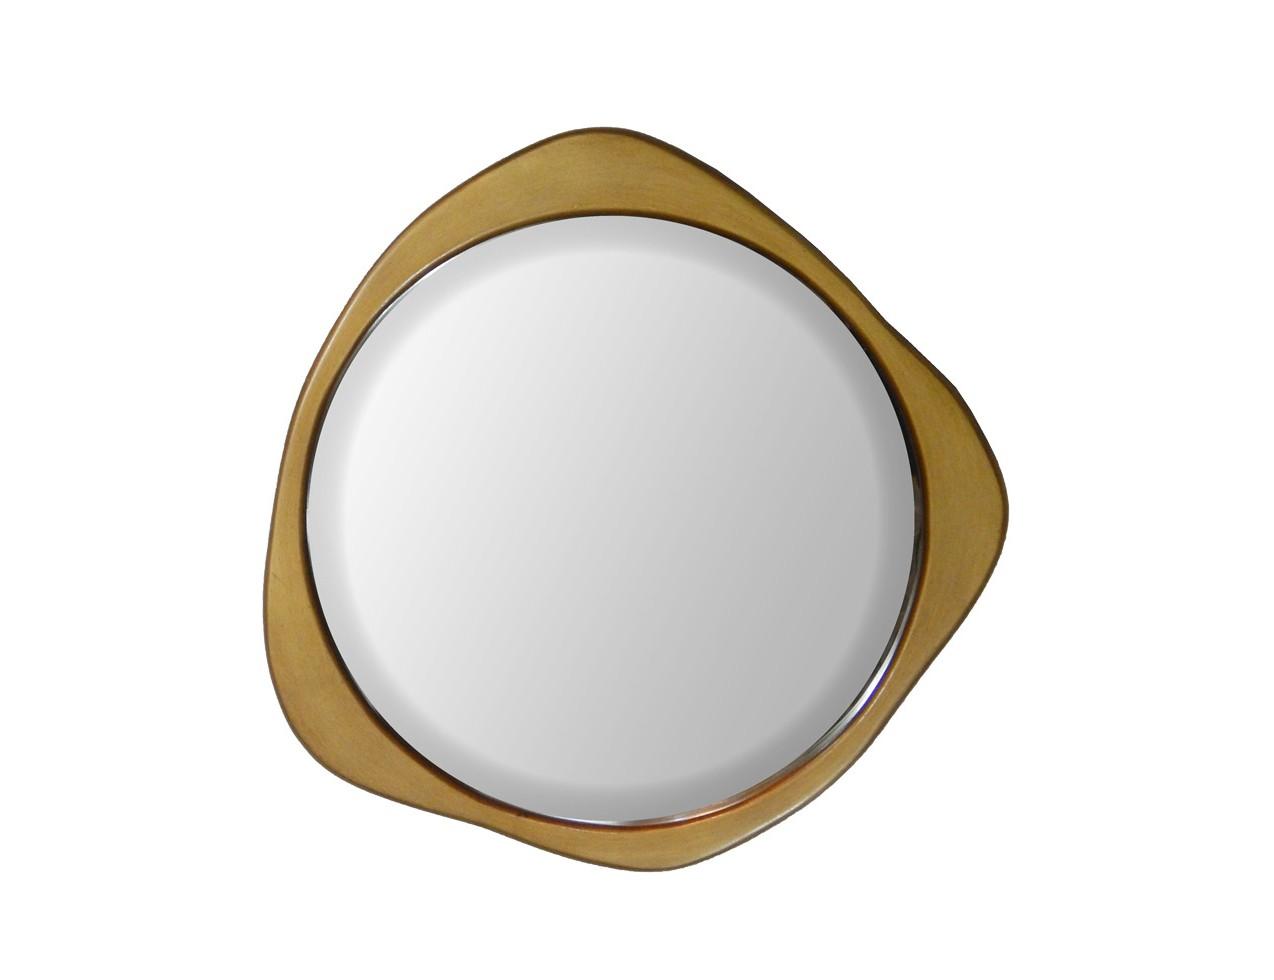 Зеркало CepaНастенные зеркала<br><br><br>Material: Стекло<br>Width см: None<br>Depth см: 14<br>Height см: None<br>Diameter см: 73